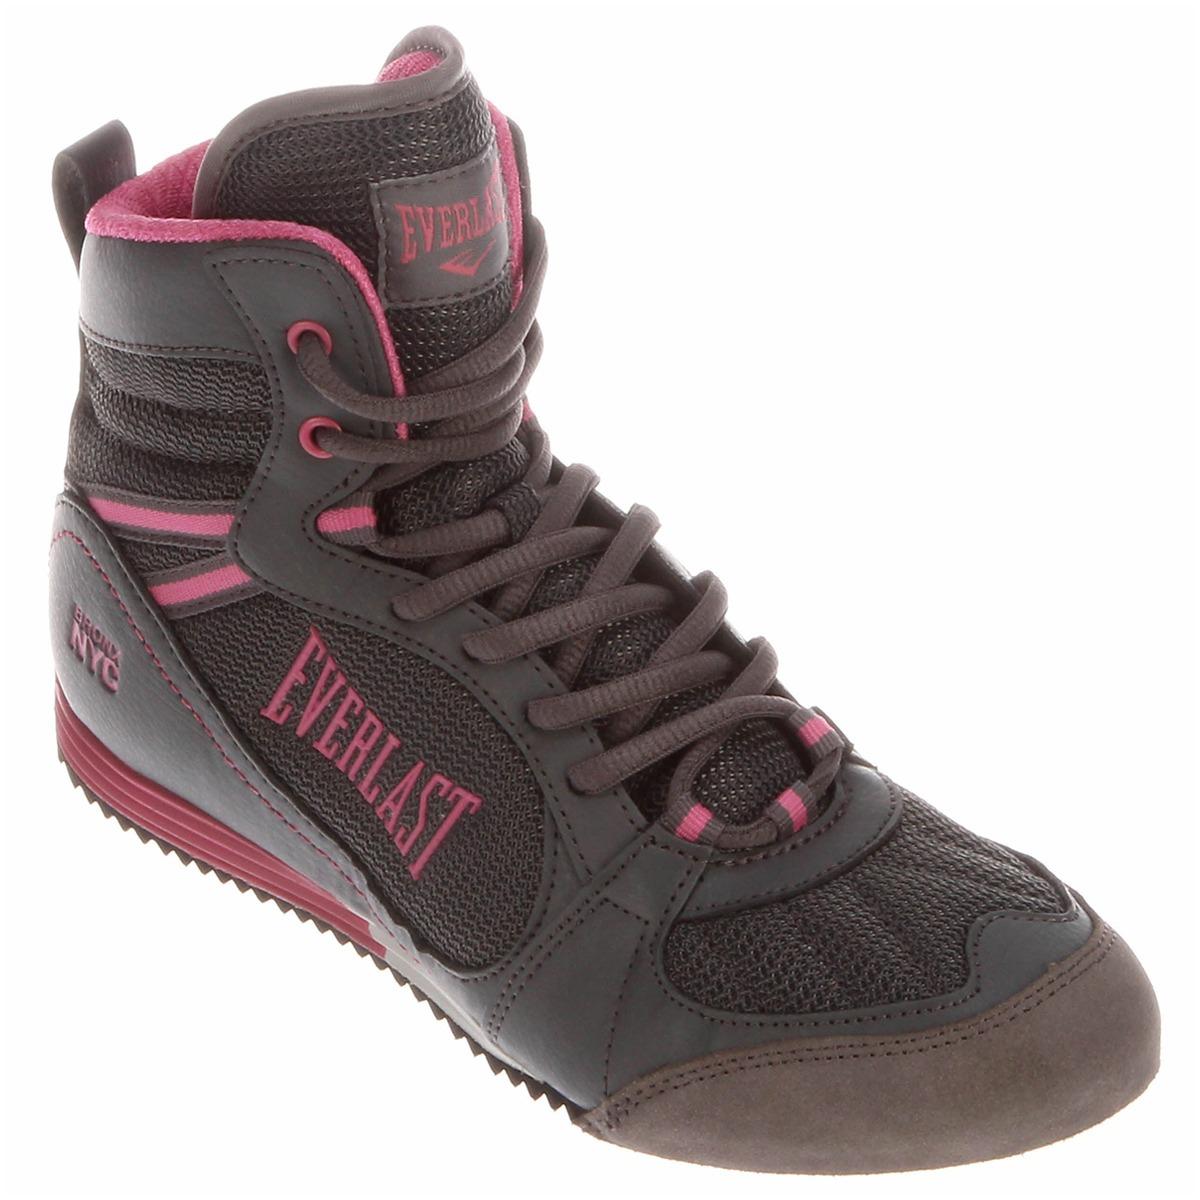 8187be50990 bota everlast venum fitness feminina original + nota fiscal. Carregando  zoom.